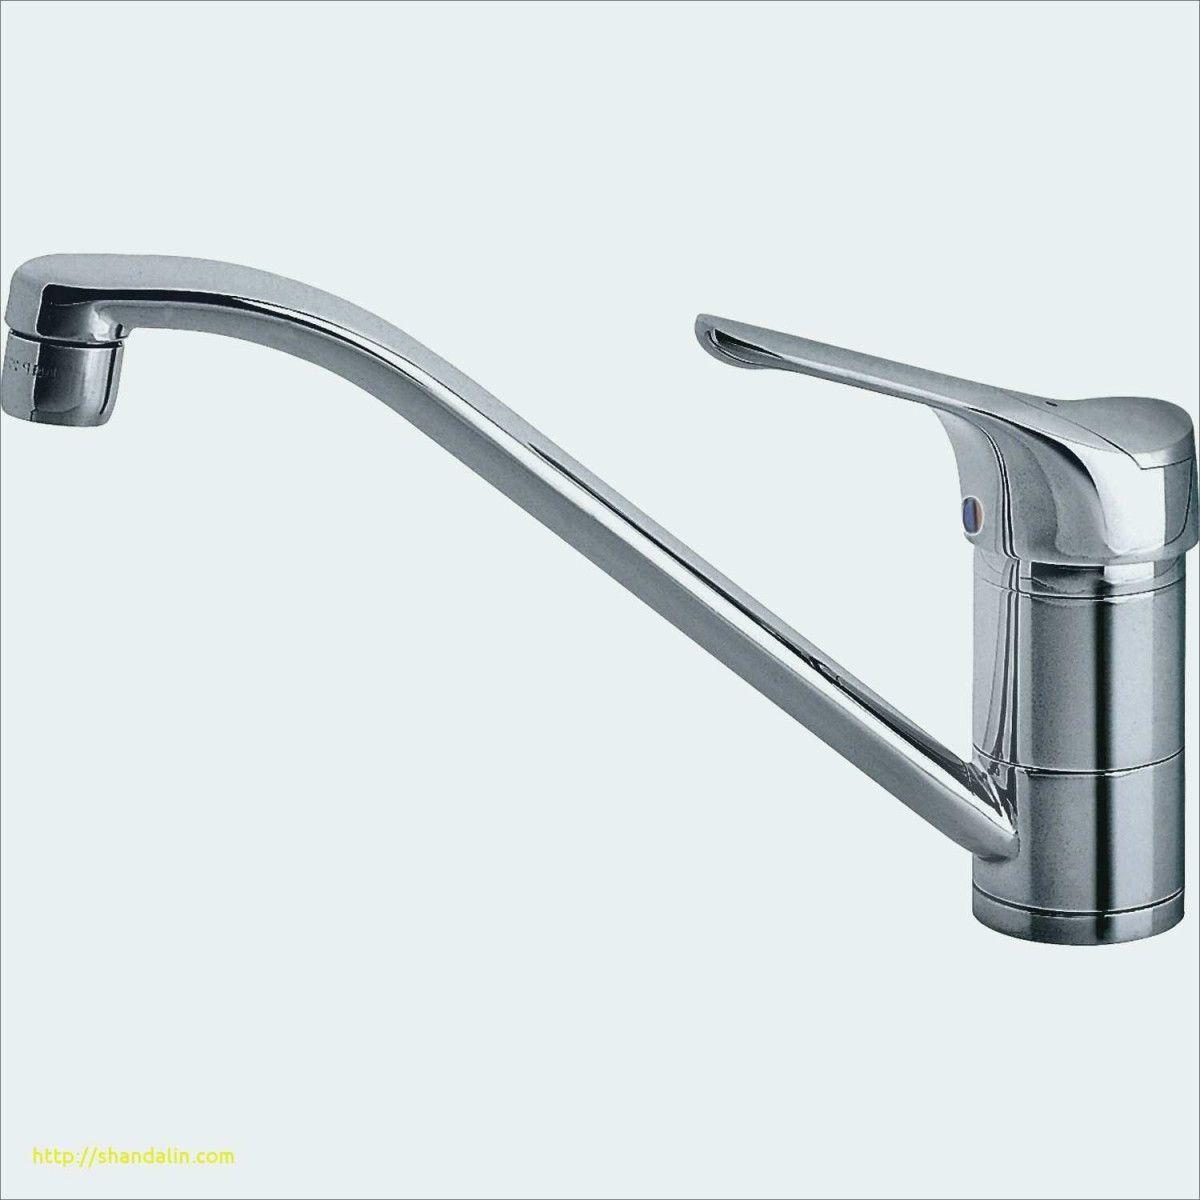 Robinet Baignoire Brico Depot Vous Aimerez Pour Les Annees A Venir Metal Bathroom Faucets Sink